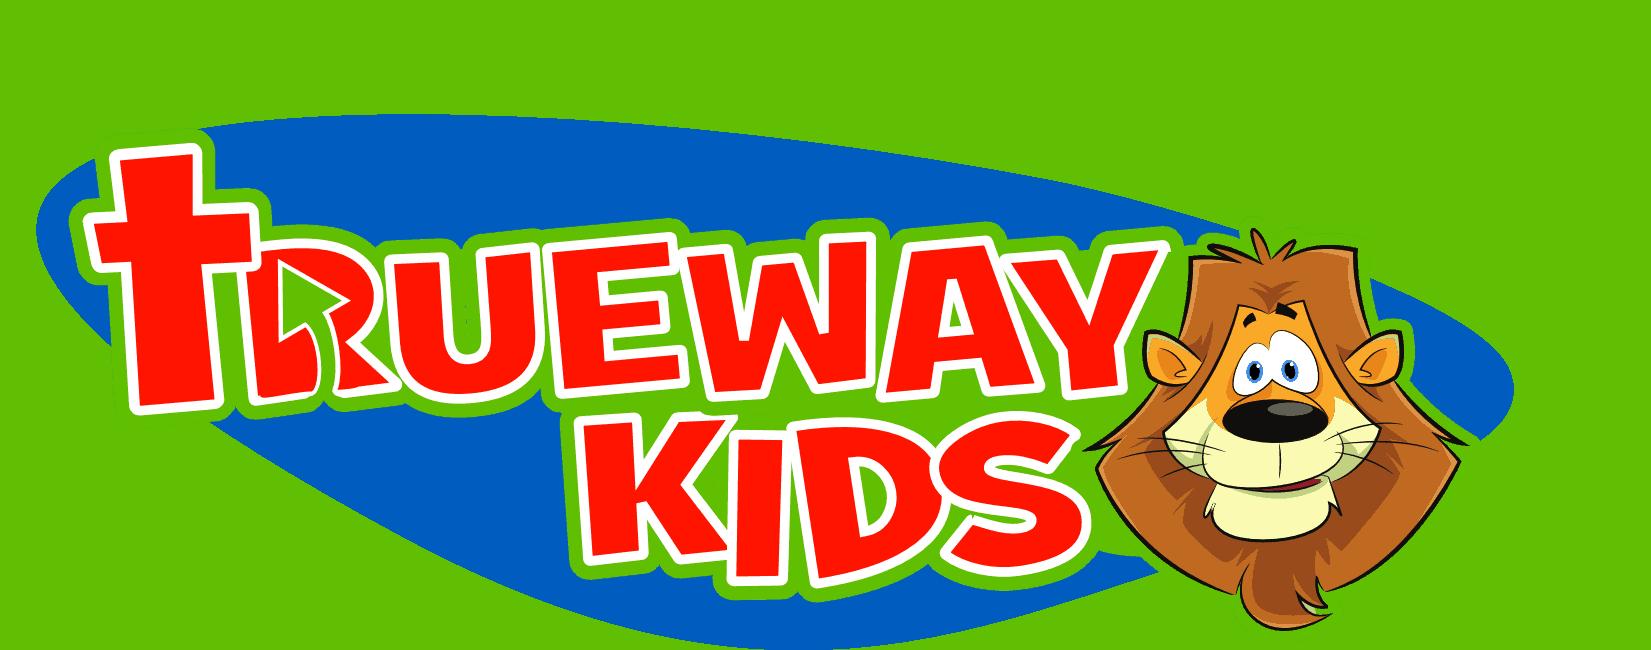 Trueway Kids